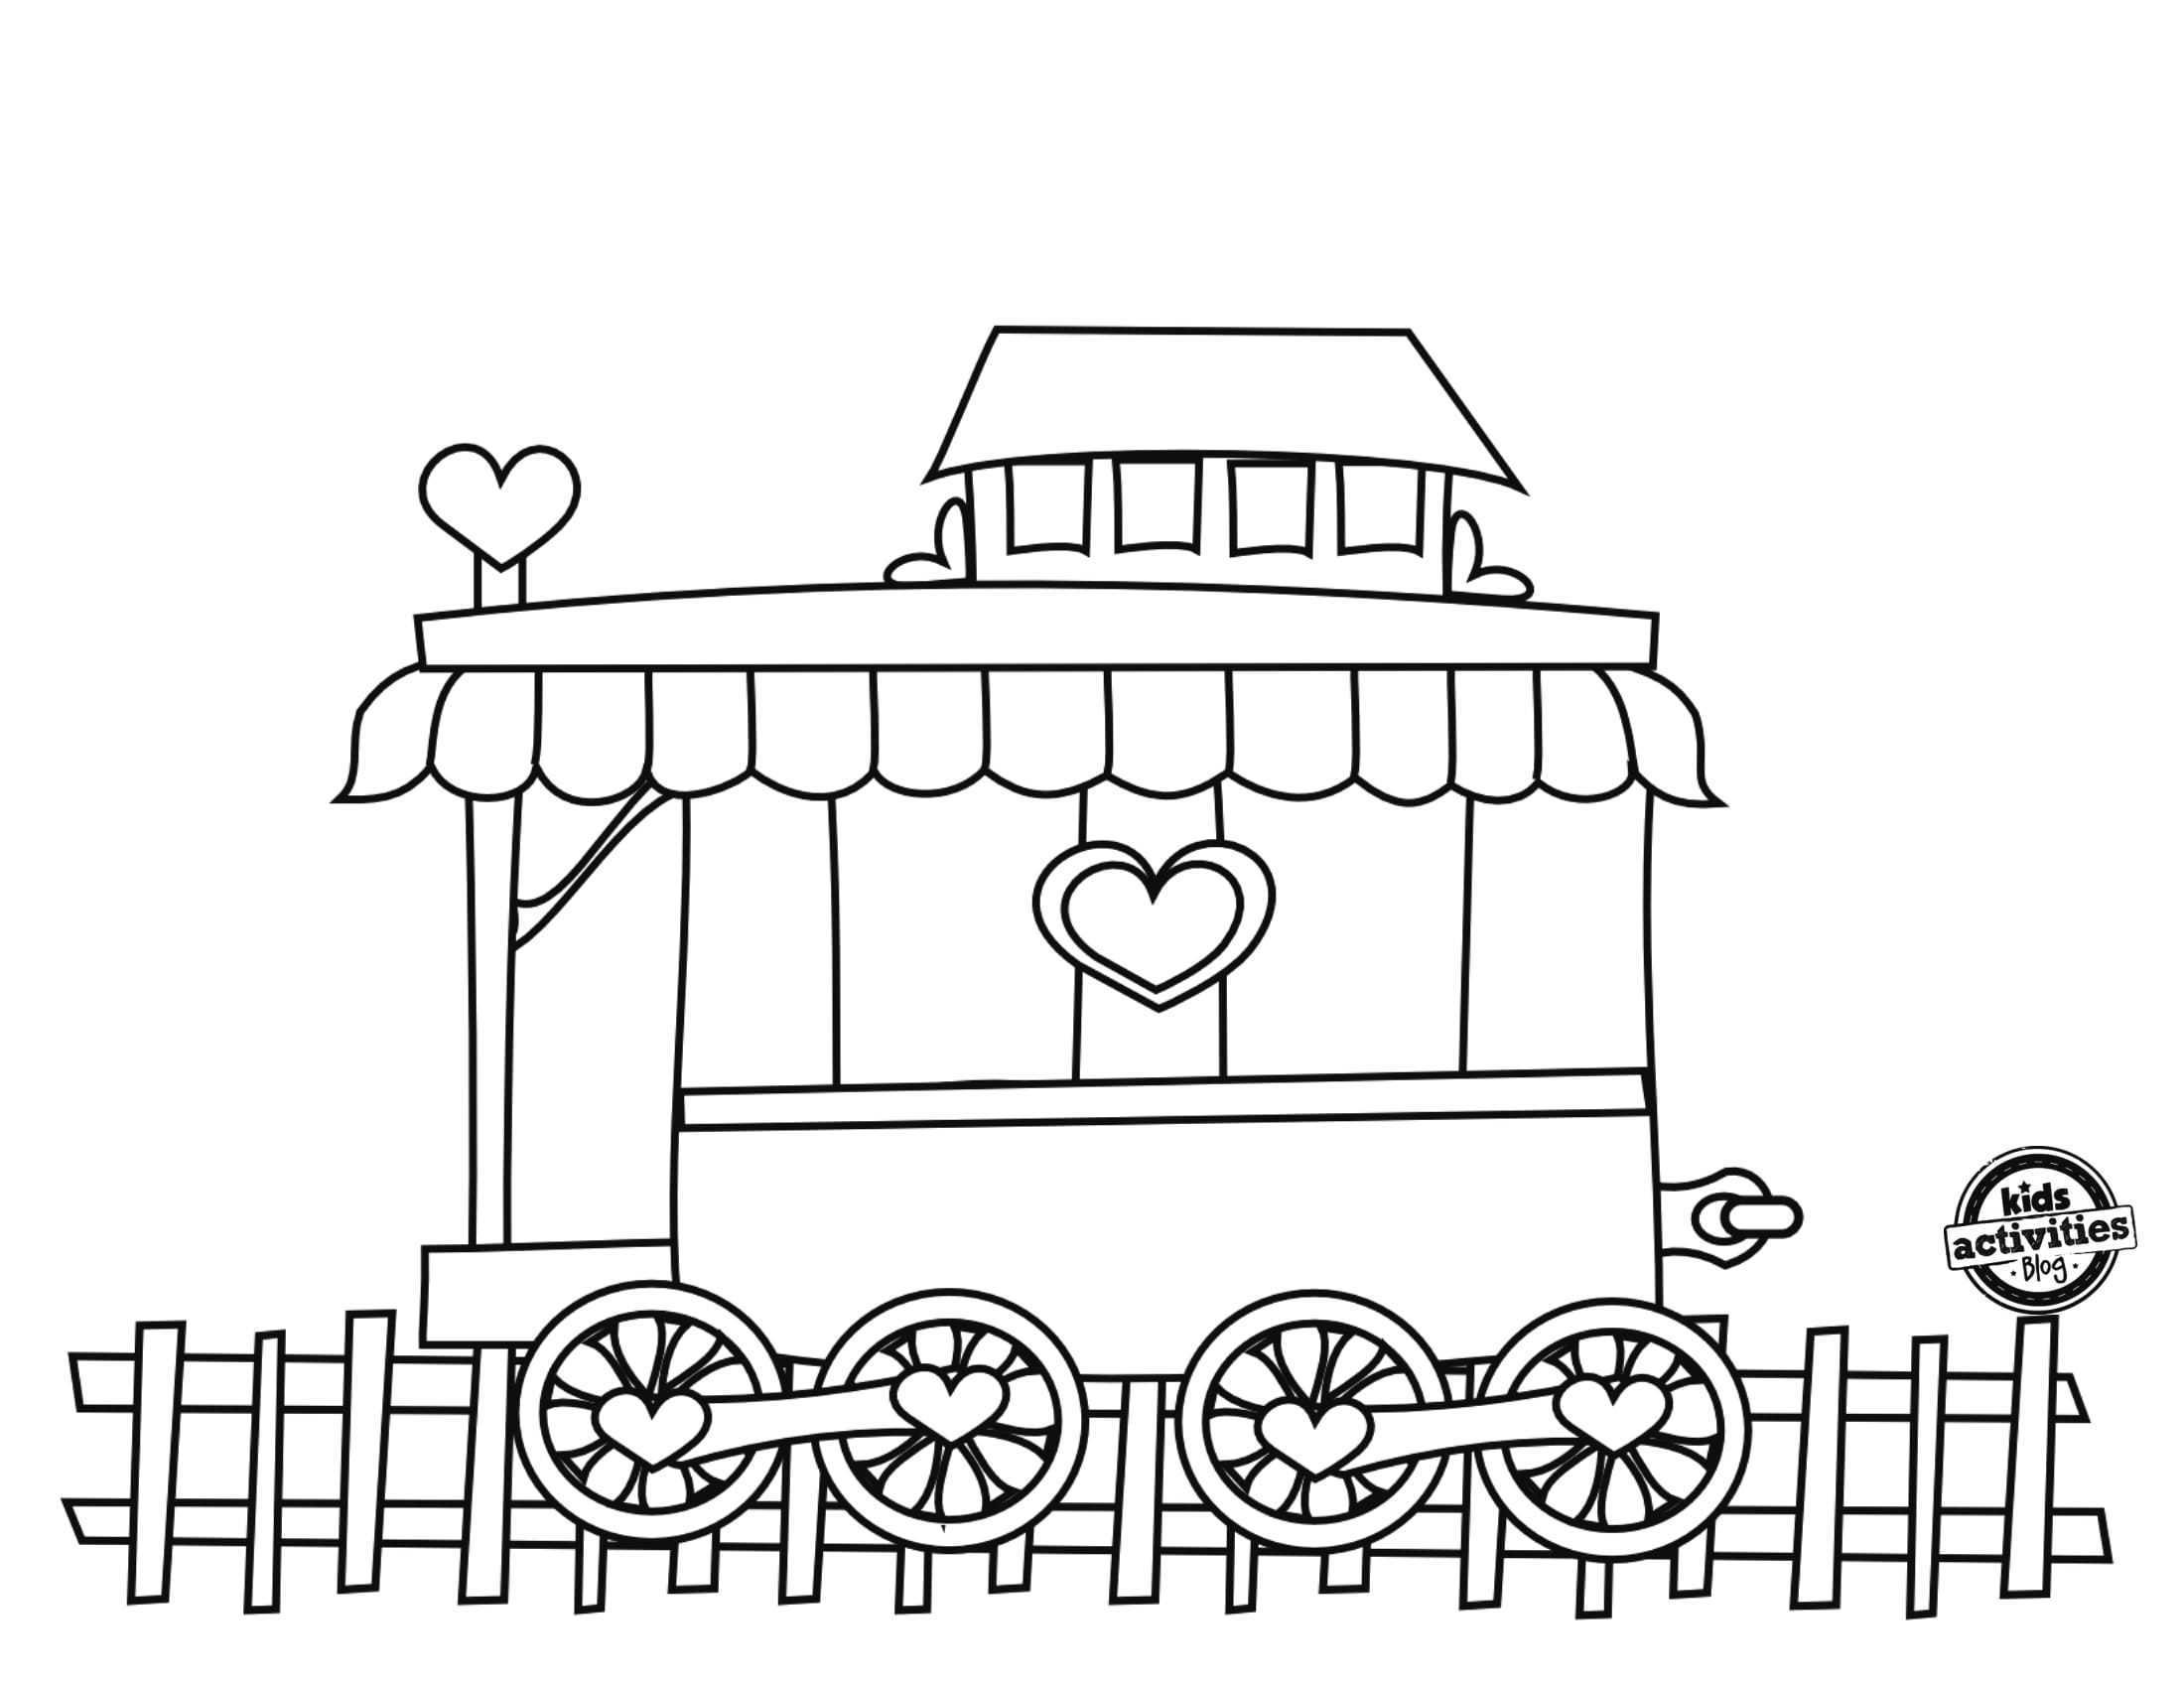 Okul Oncesi Sevgi Treni Boyama Sayfasi 3 Okul Oncesi Etkinlik